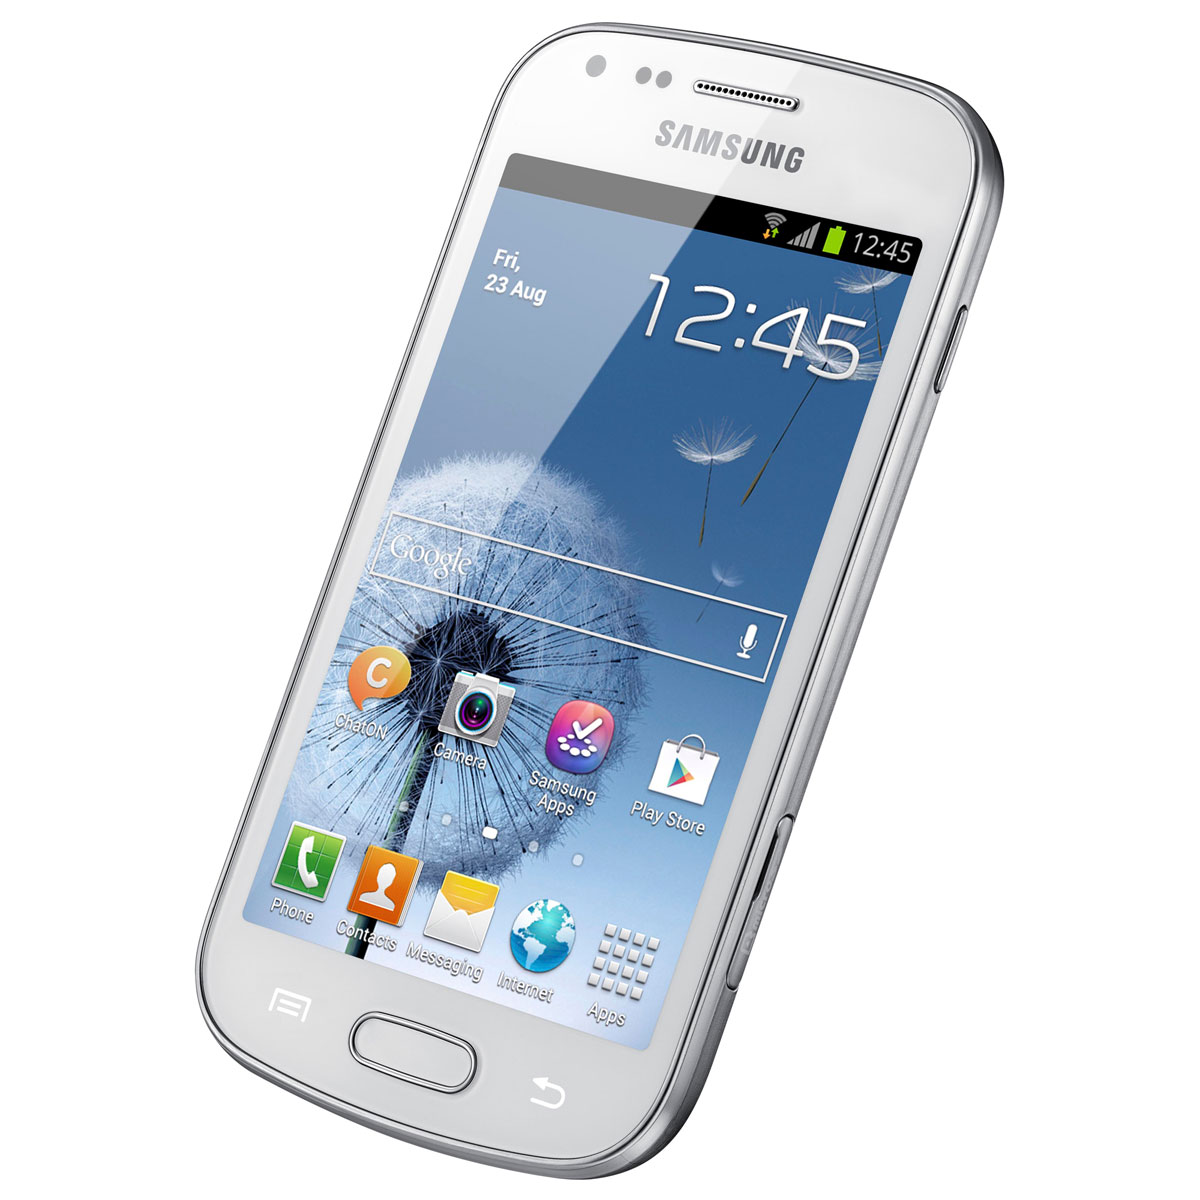 Samsung galaxy trend gt s7560 blanc mobile smartphone samsung sur - Fiche technique galaxy trend lite ...